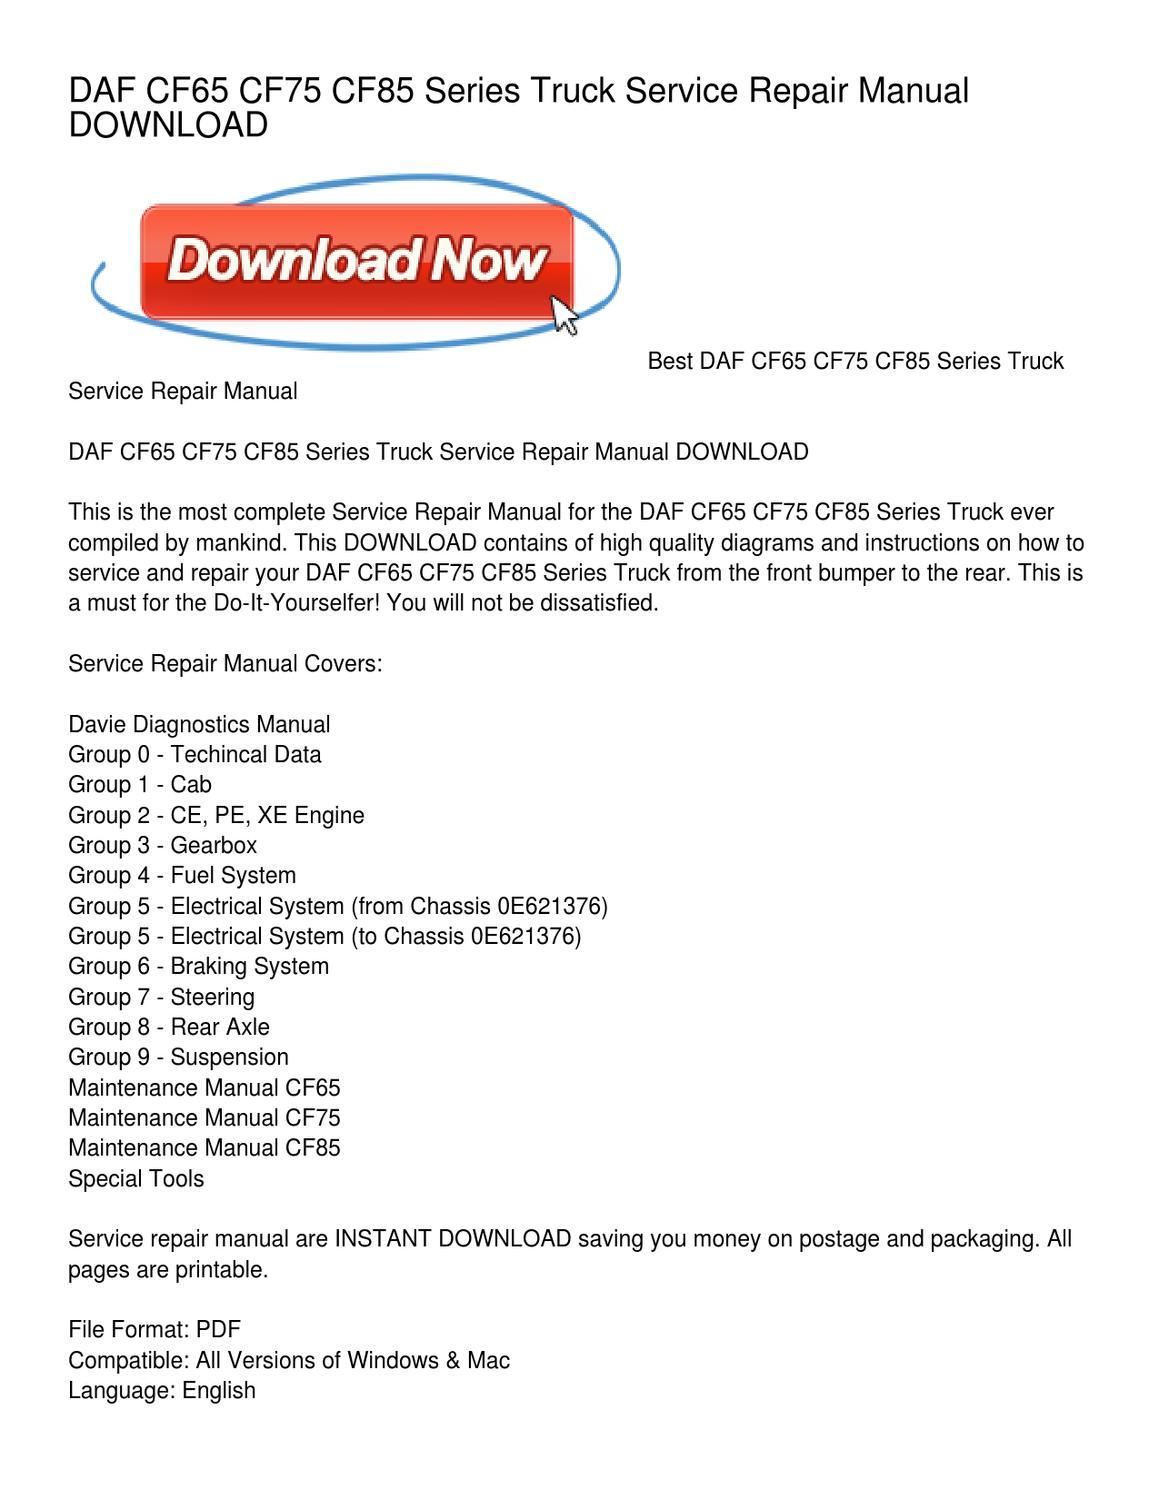 DAF CF65 CF75 CF85 Series Truck Service Repair Manual DOWNLOAD by Lisa  Mahoney - issuu